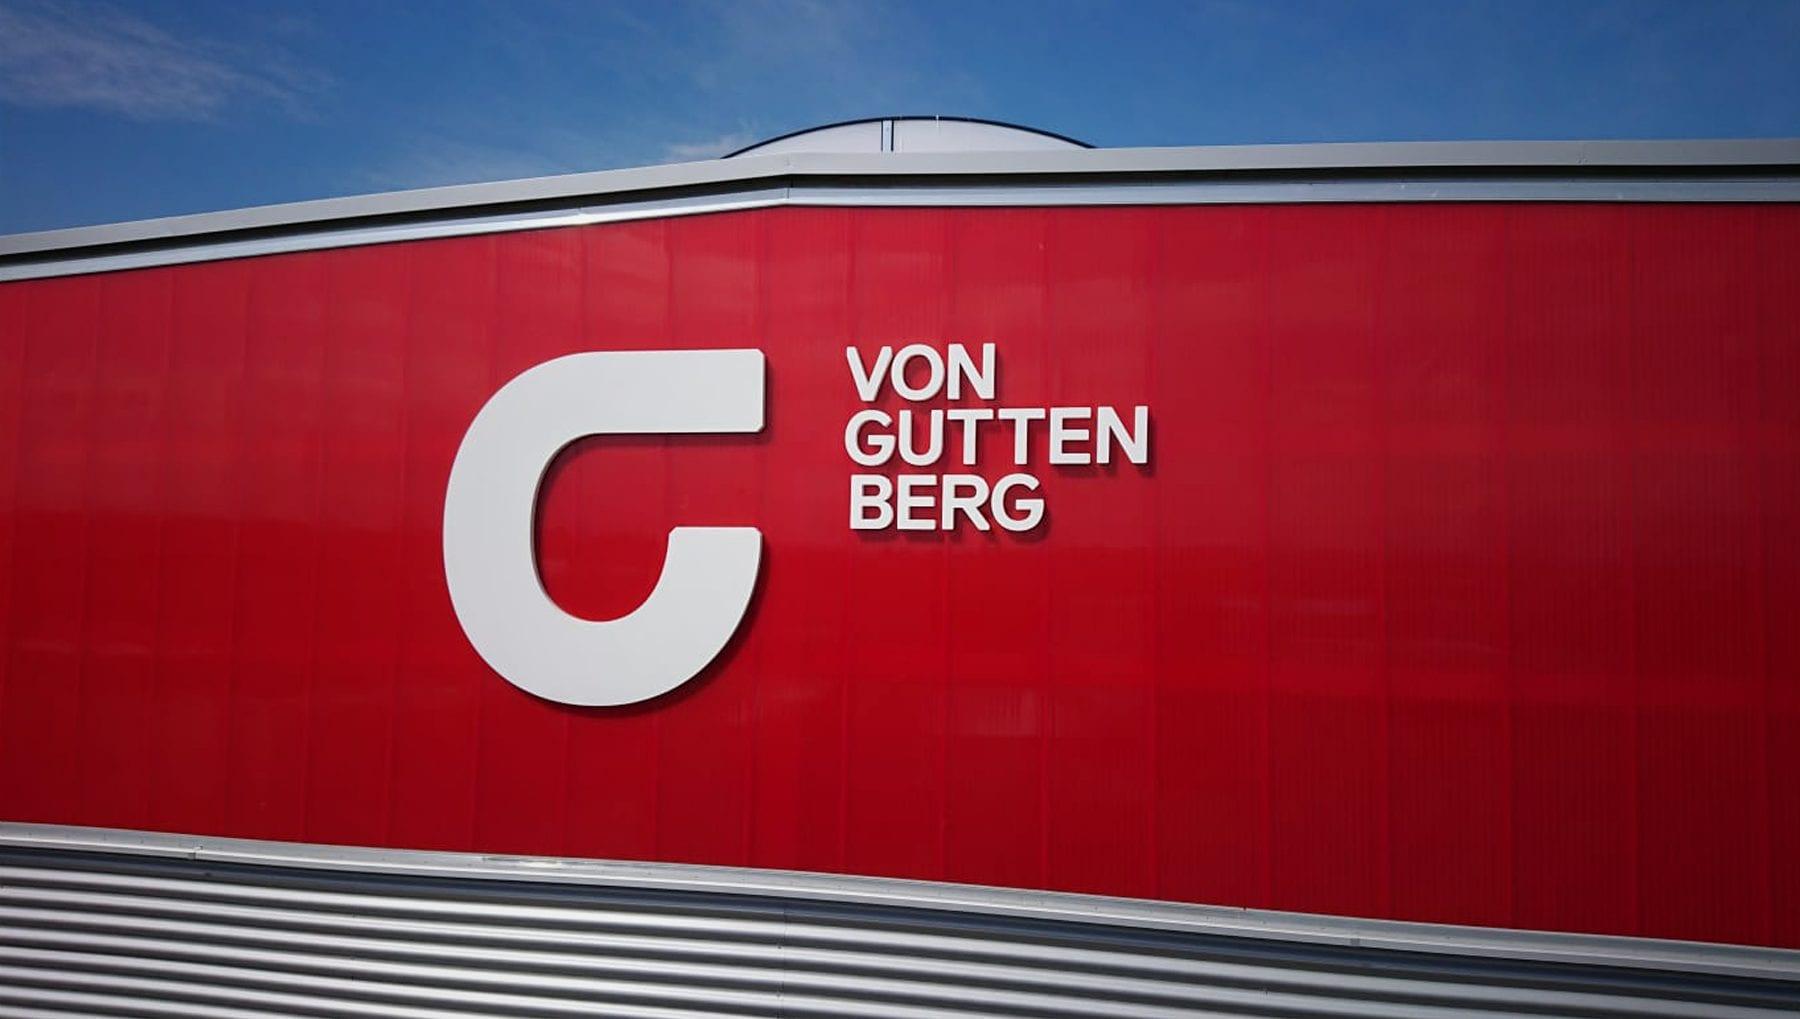 Neues Leitsystem für die Von Guttenberg GmbH – Amt Wachsenburg